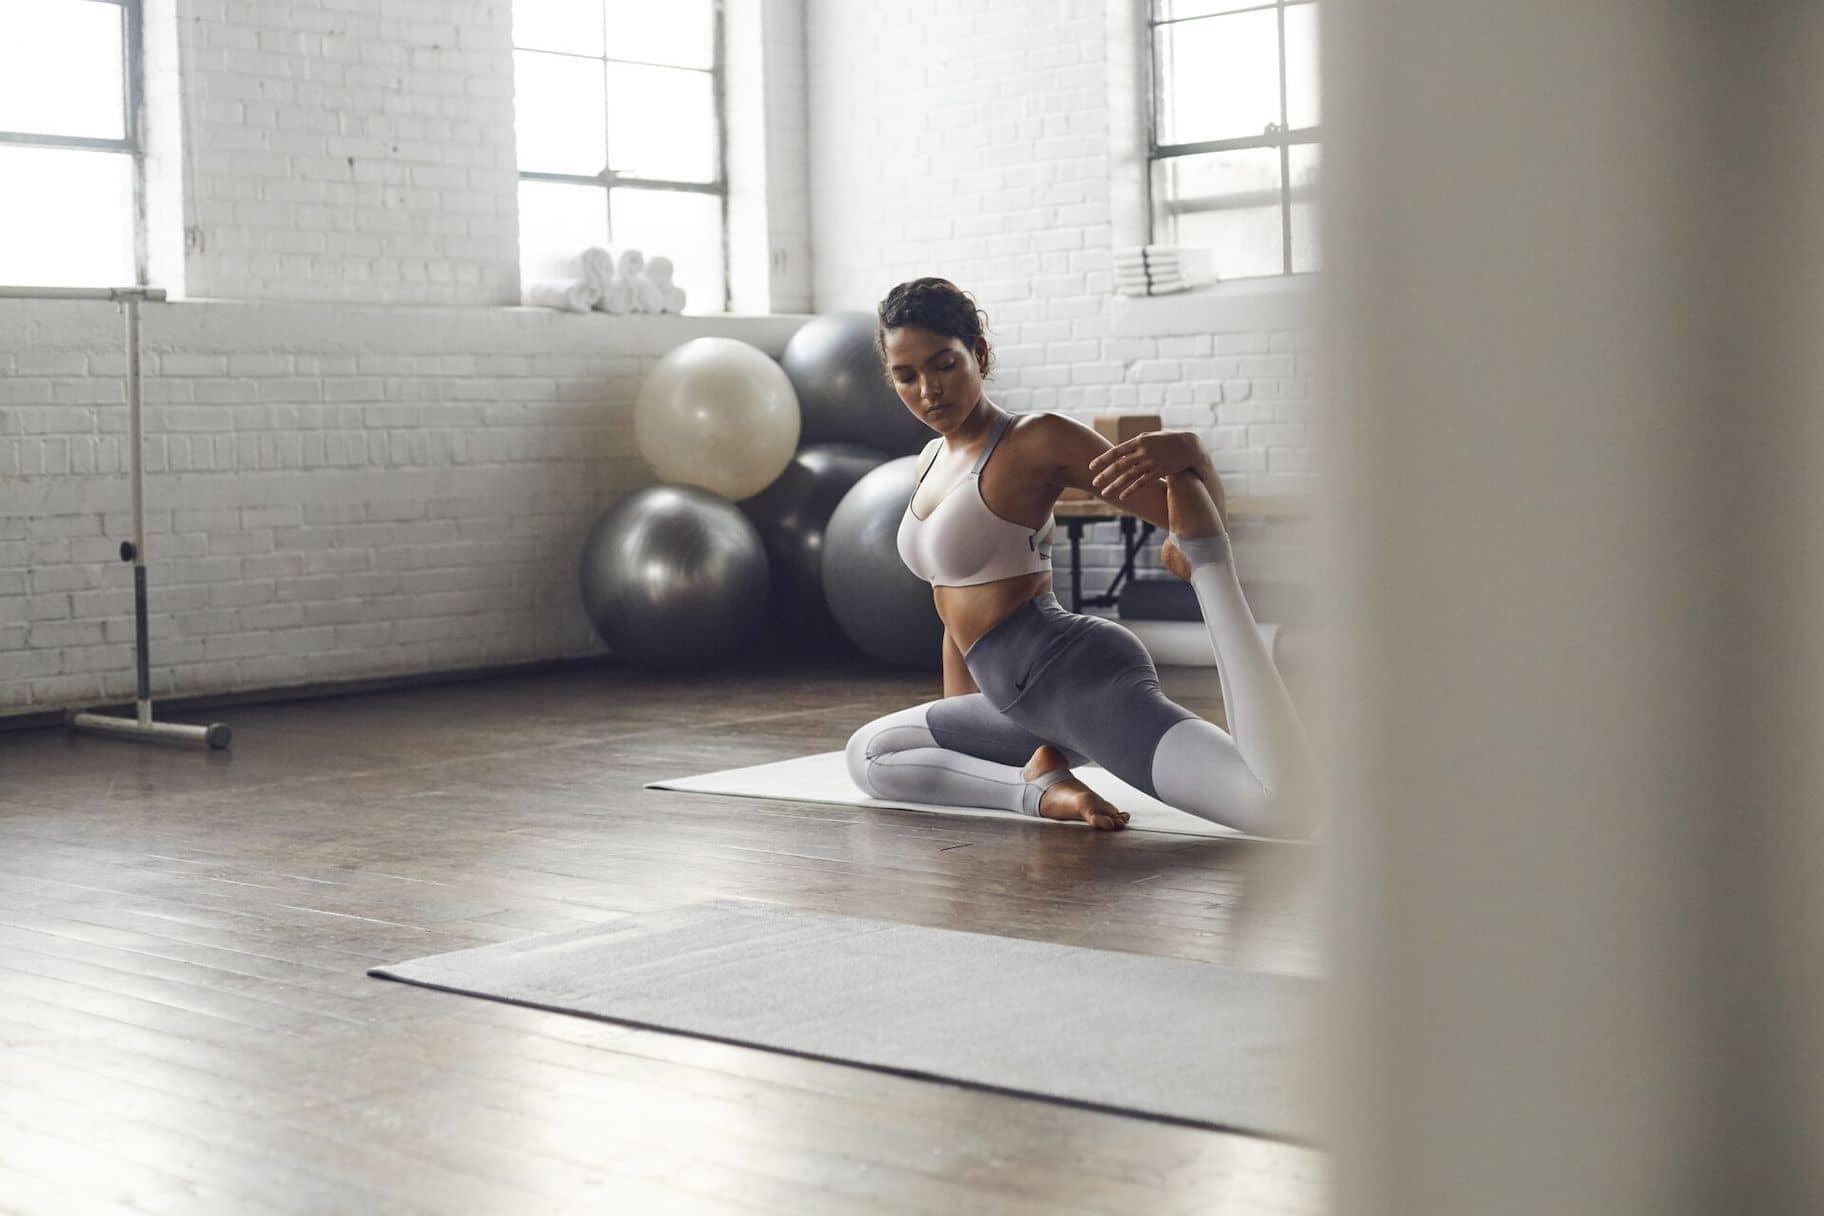 Choisir ses vêtements pour le hot yoga: conseils pour s'assurer confort et fraîcheur